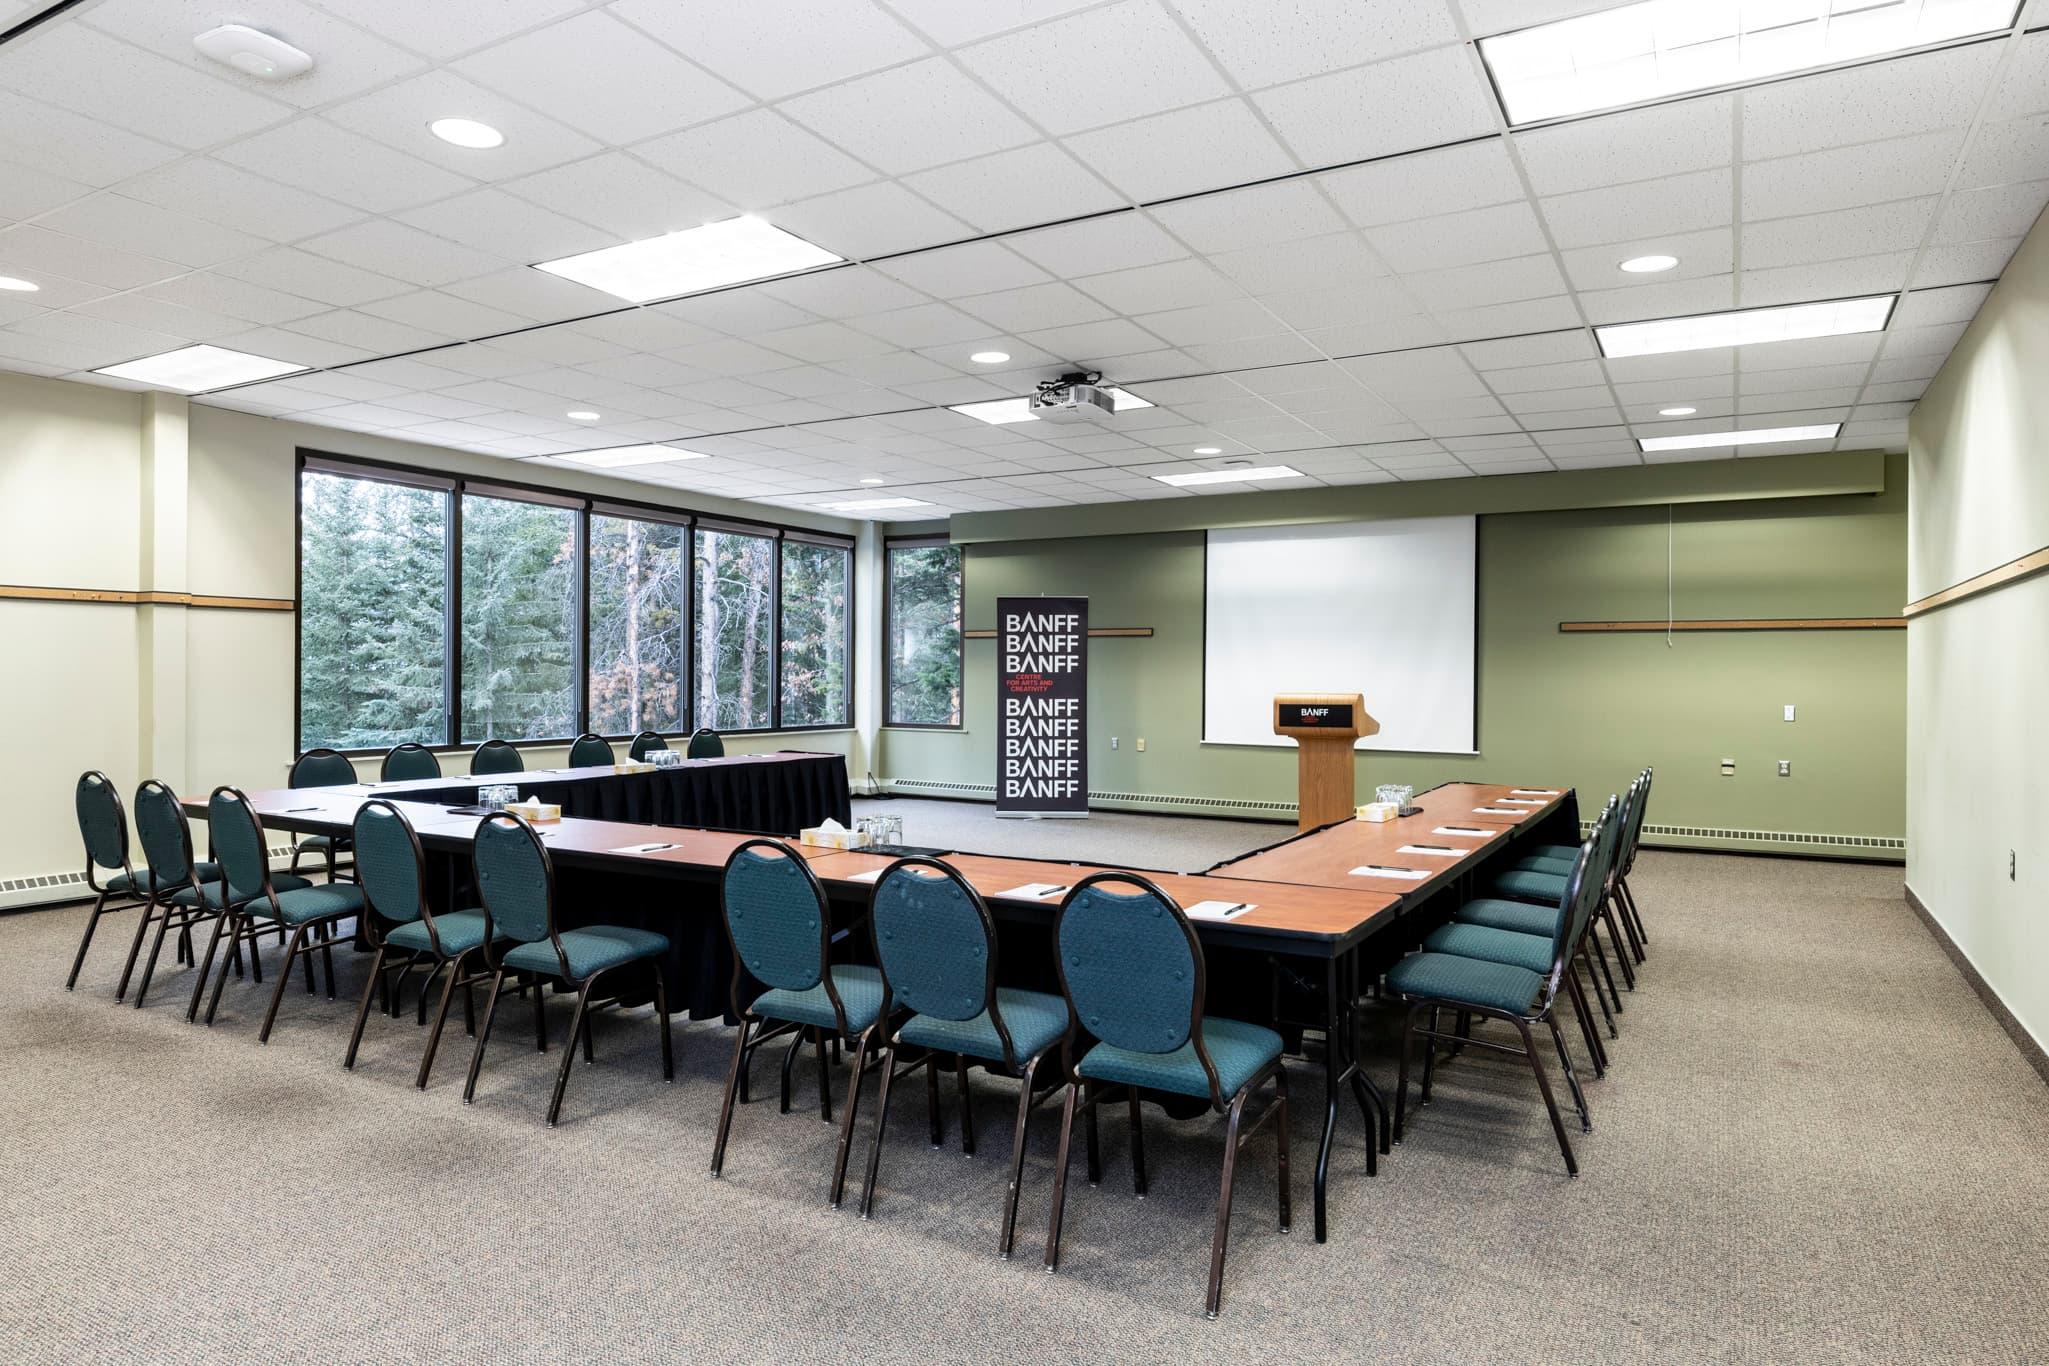 A conference rooms with a U-shape setup